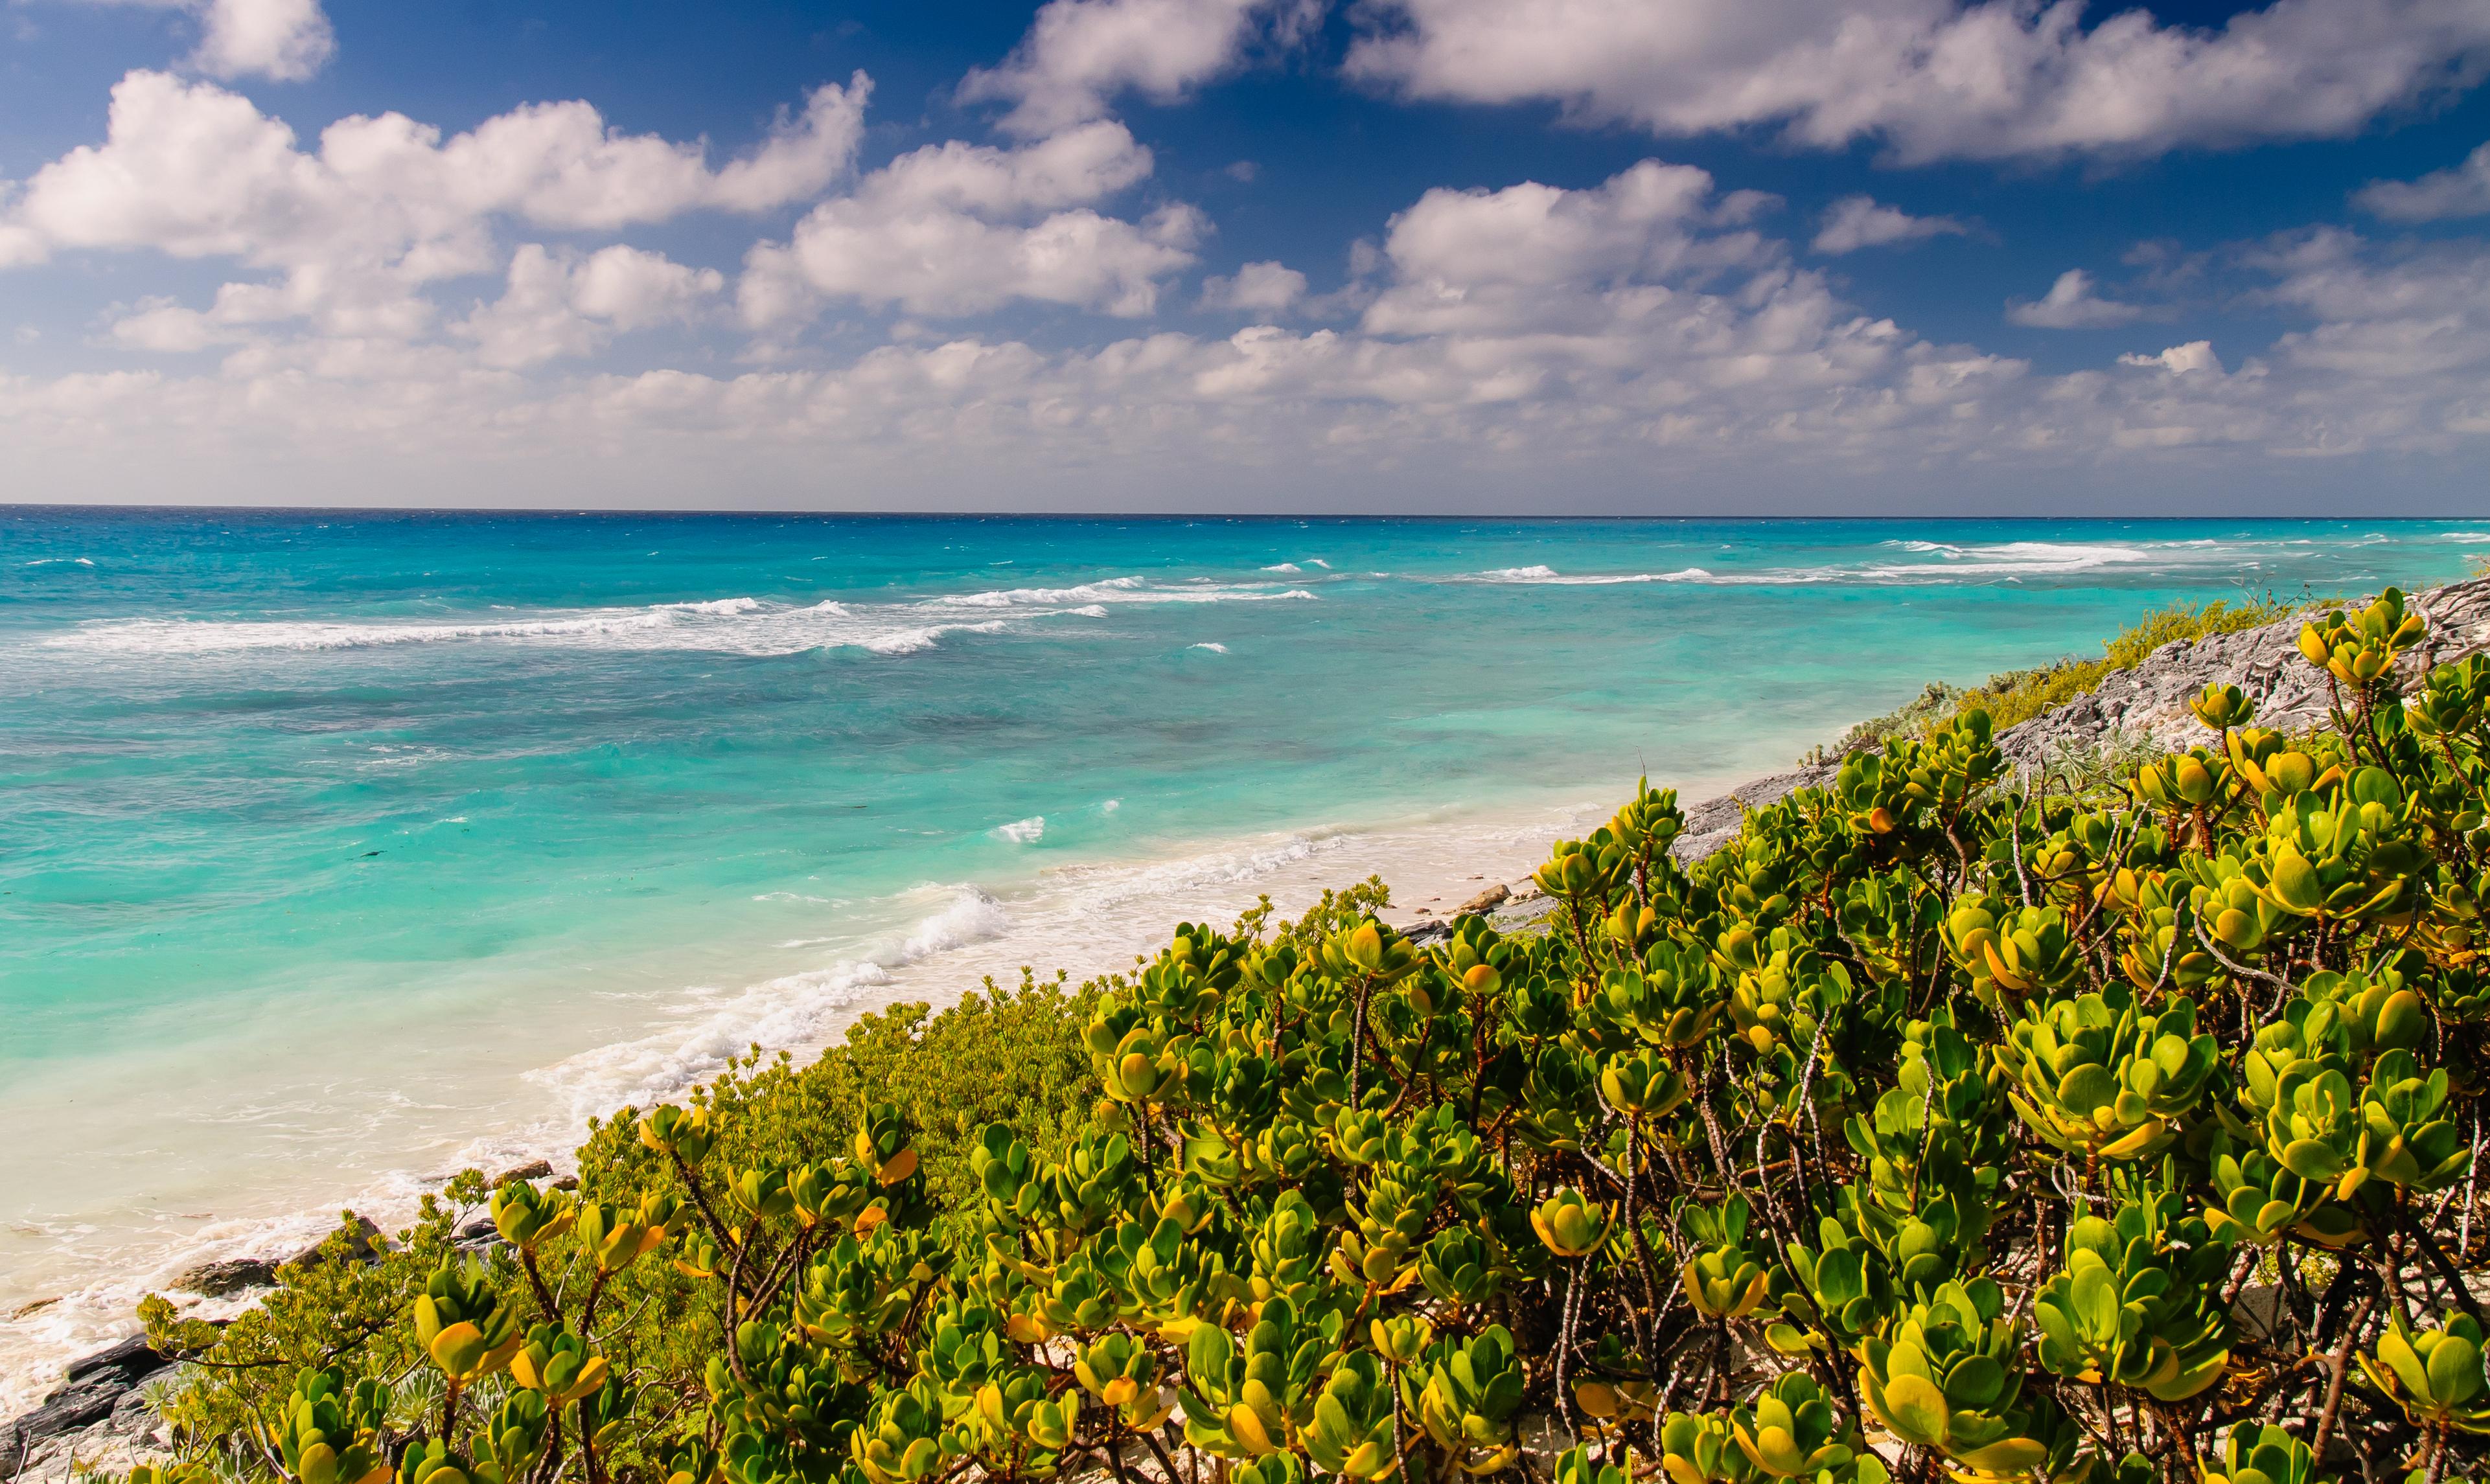 все фото морского побережья кубы благополучной